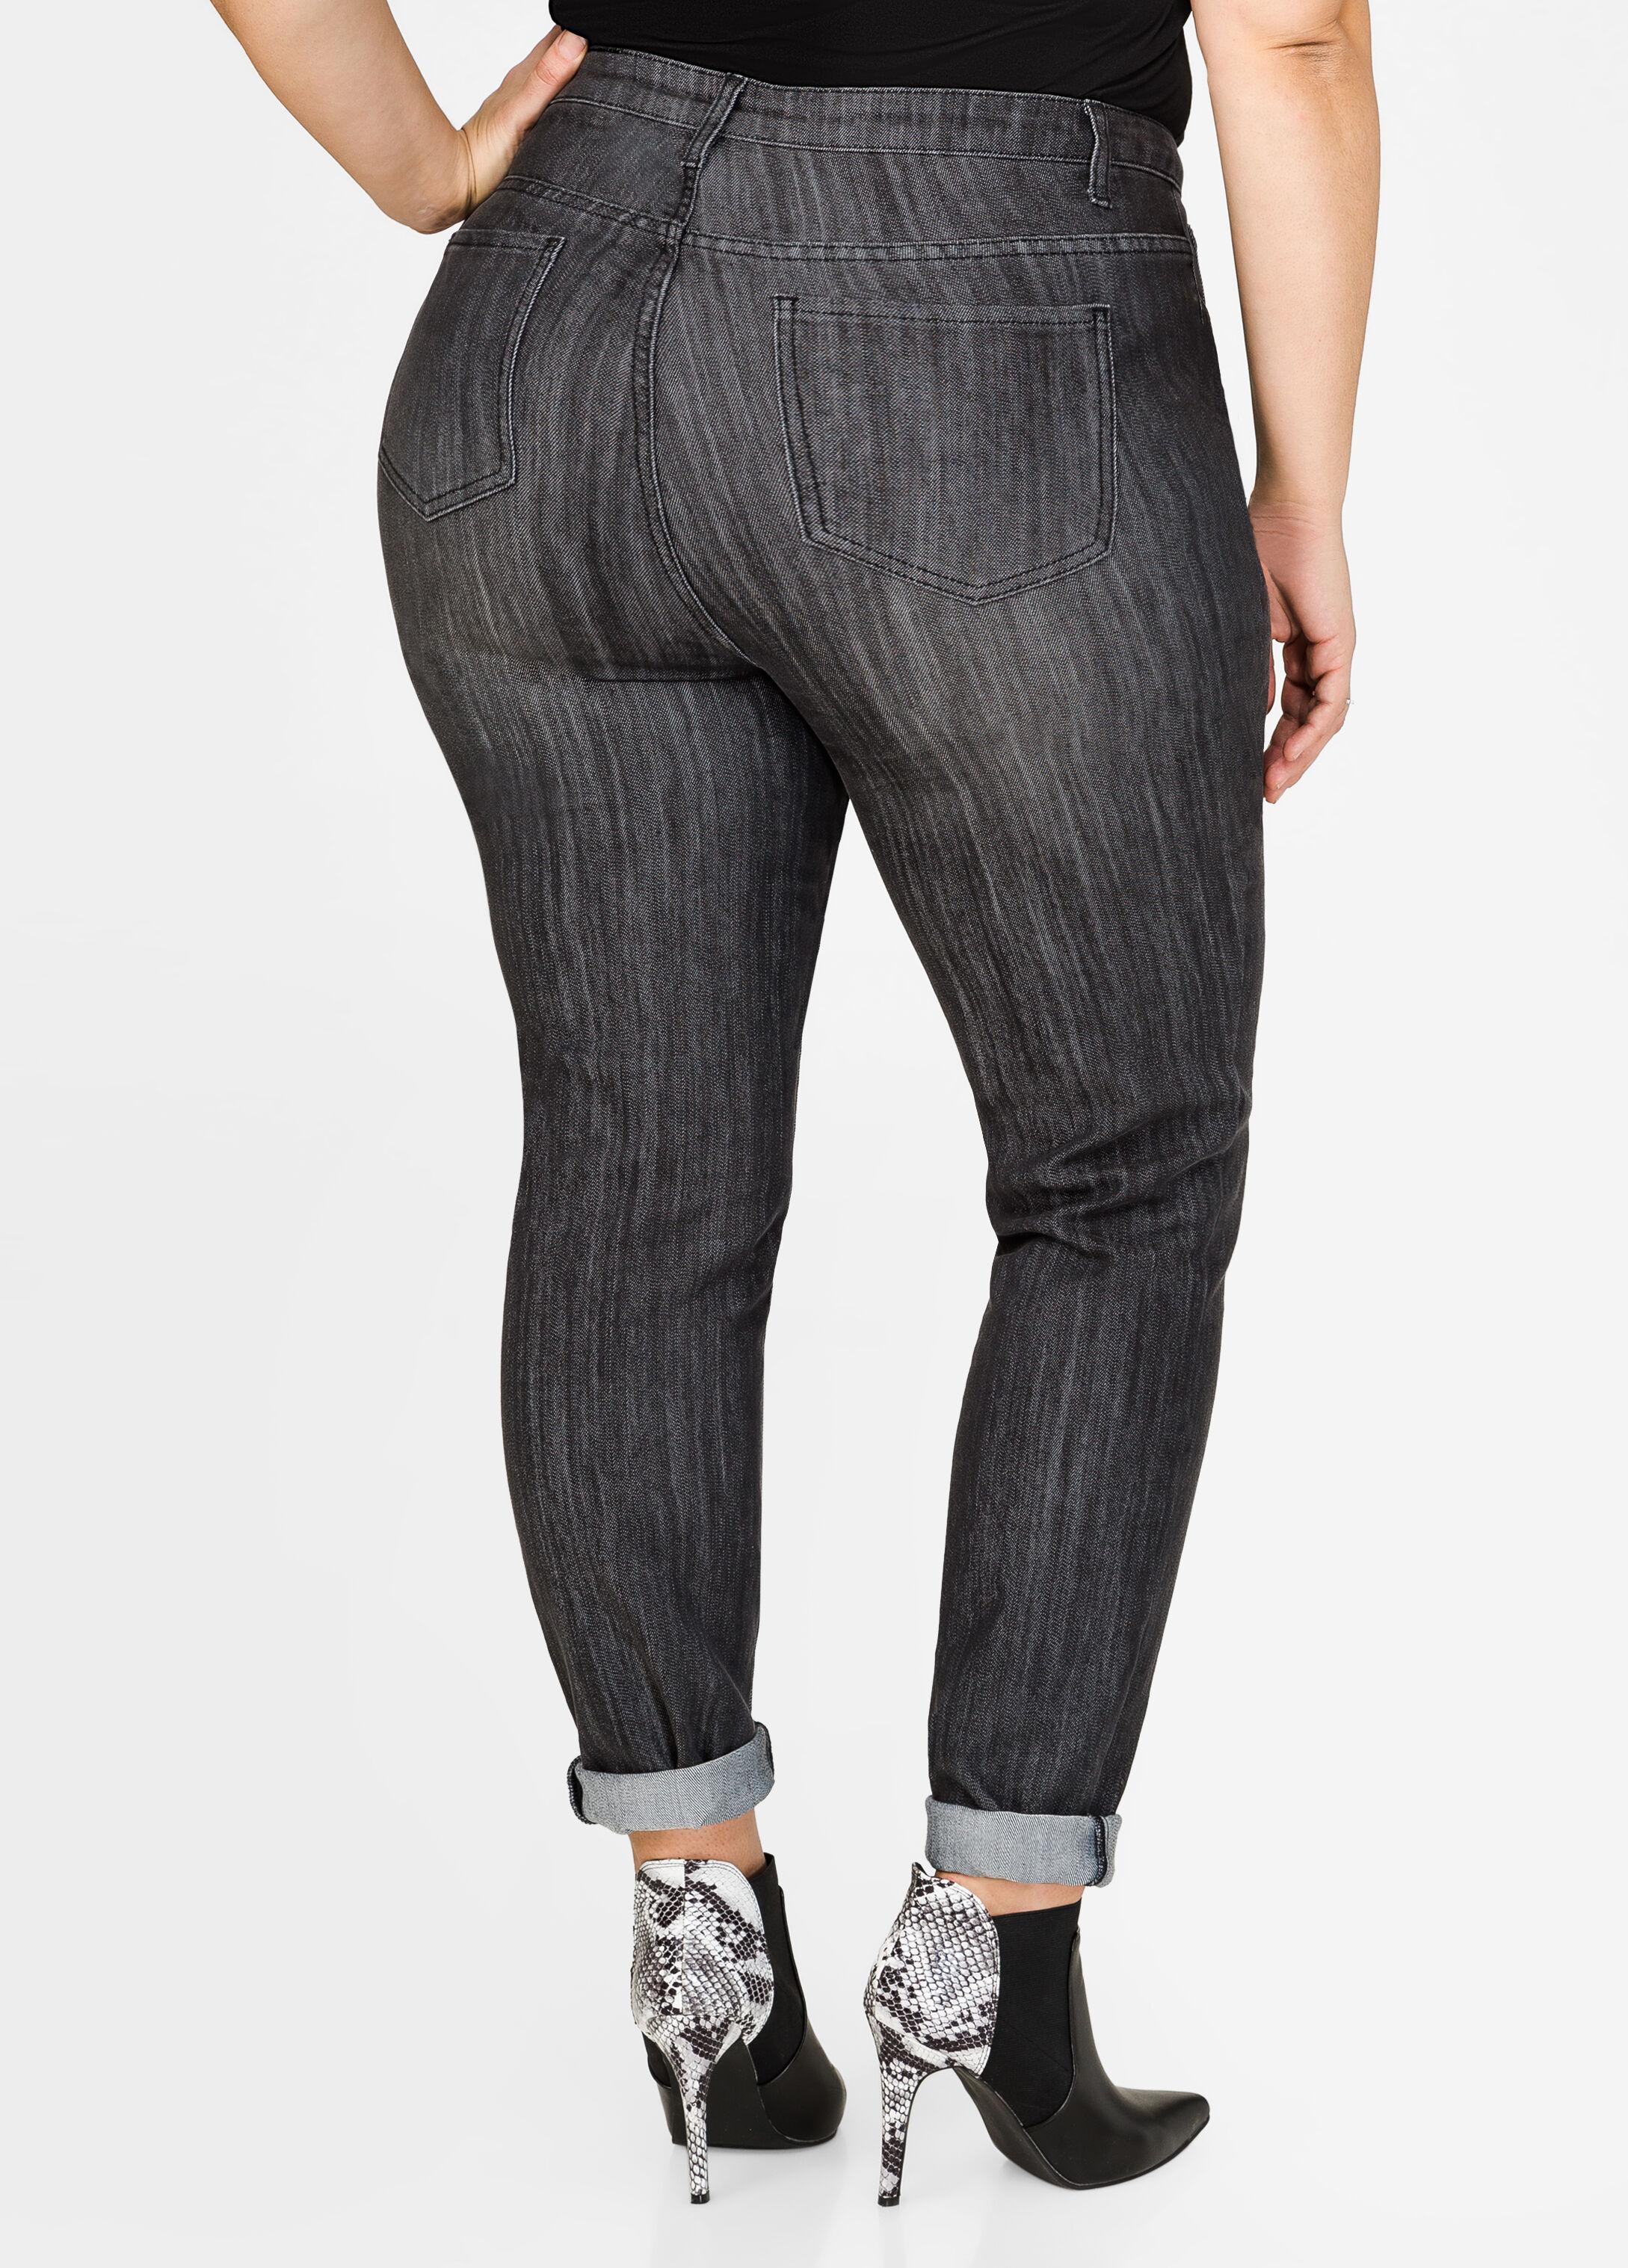 Top Stitch Cuffed Skinny Jean